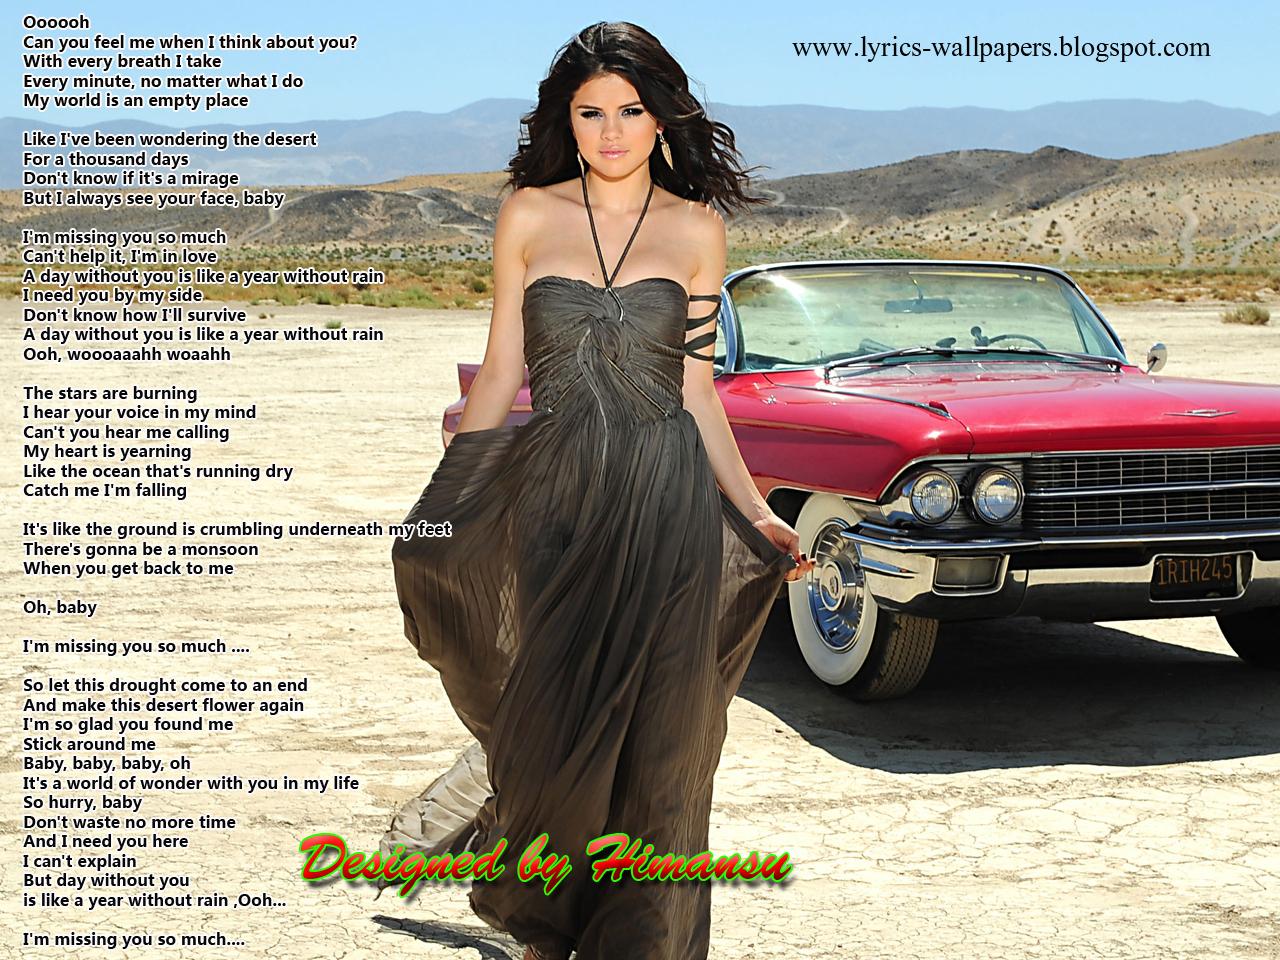 A Year Without Rain Lyrics - Selena Gomez - YouTube